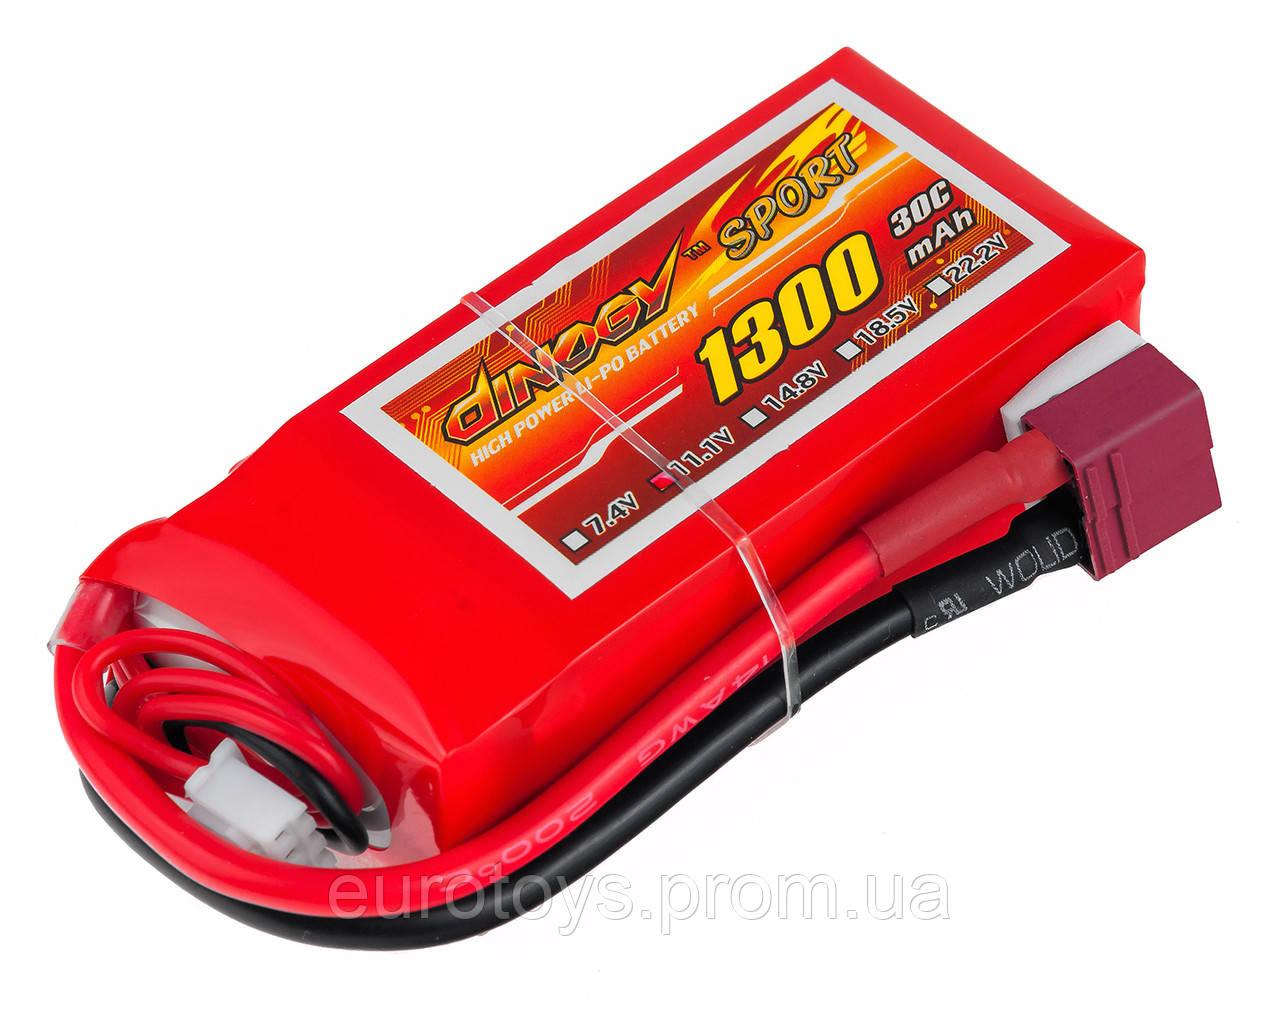 Аккумулятор для радиоуправляемой модели Dinogy Li-Pol 1300 мАч 11.1 В 75x35x22 мм T-Plug 30C